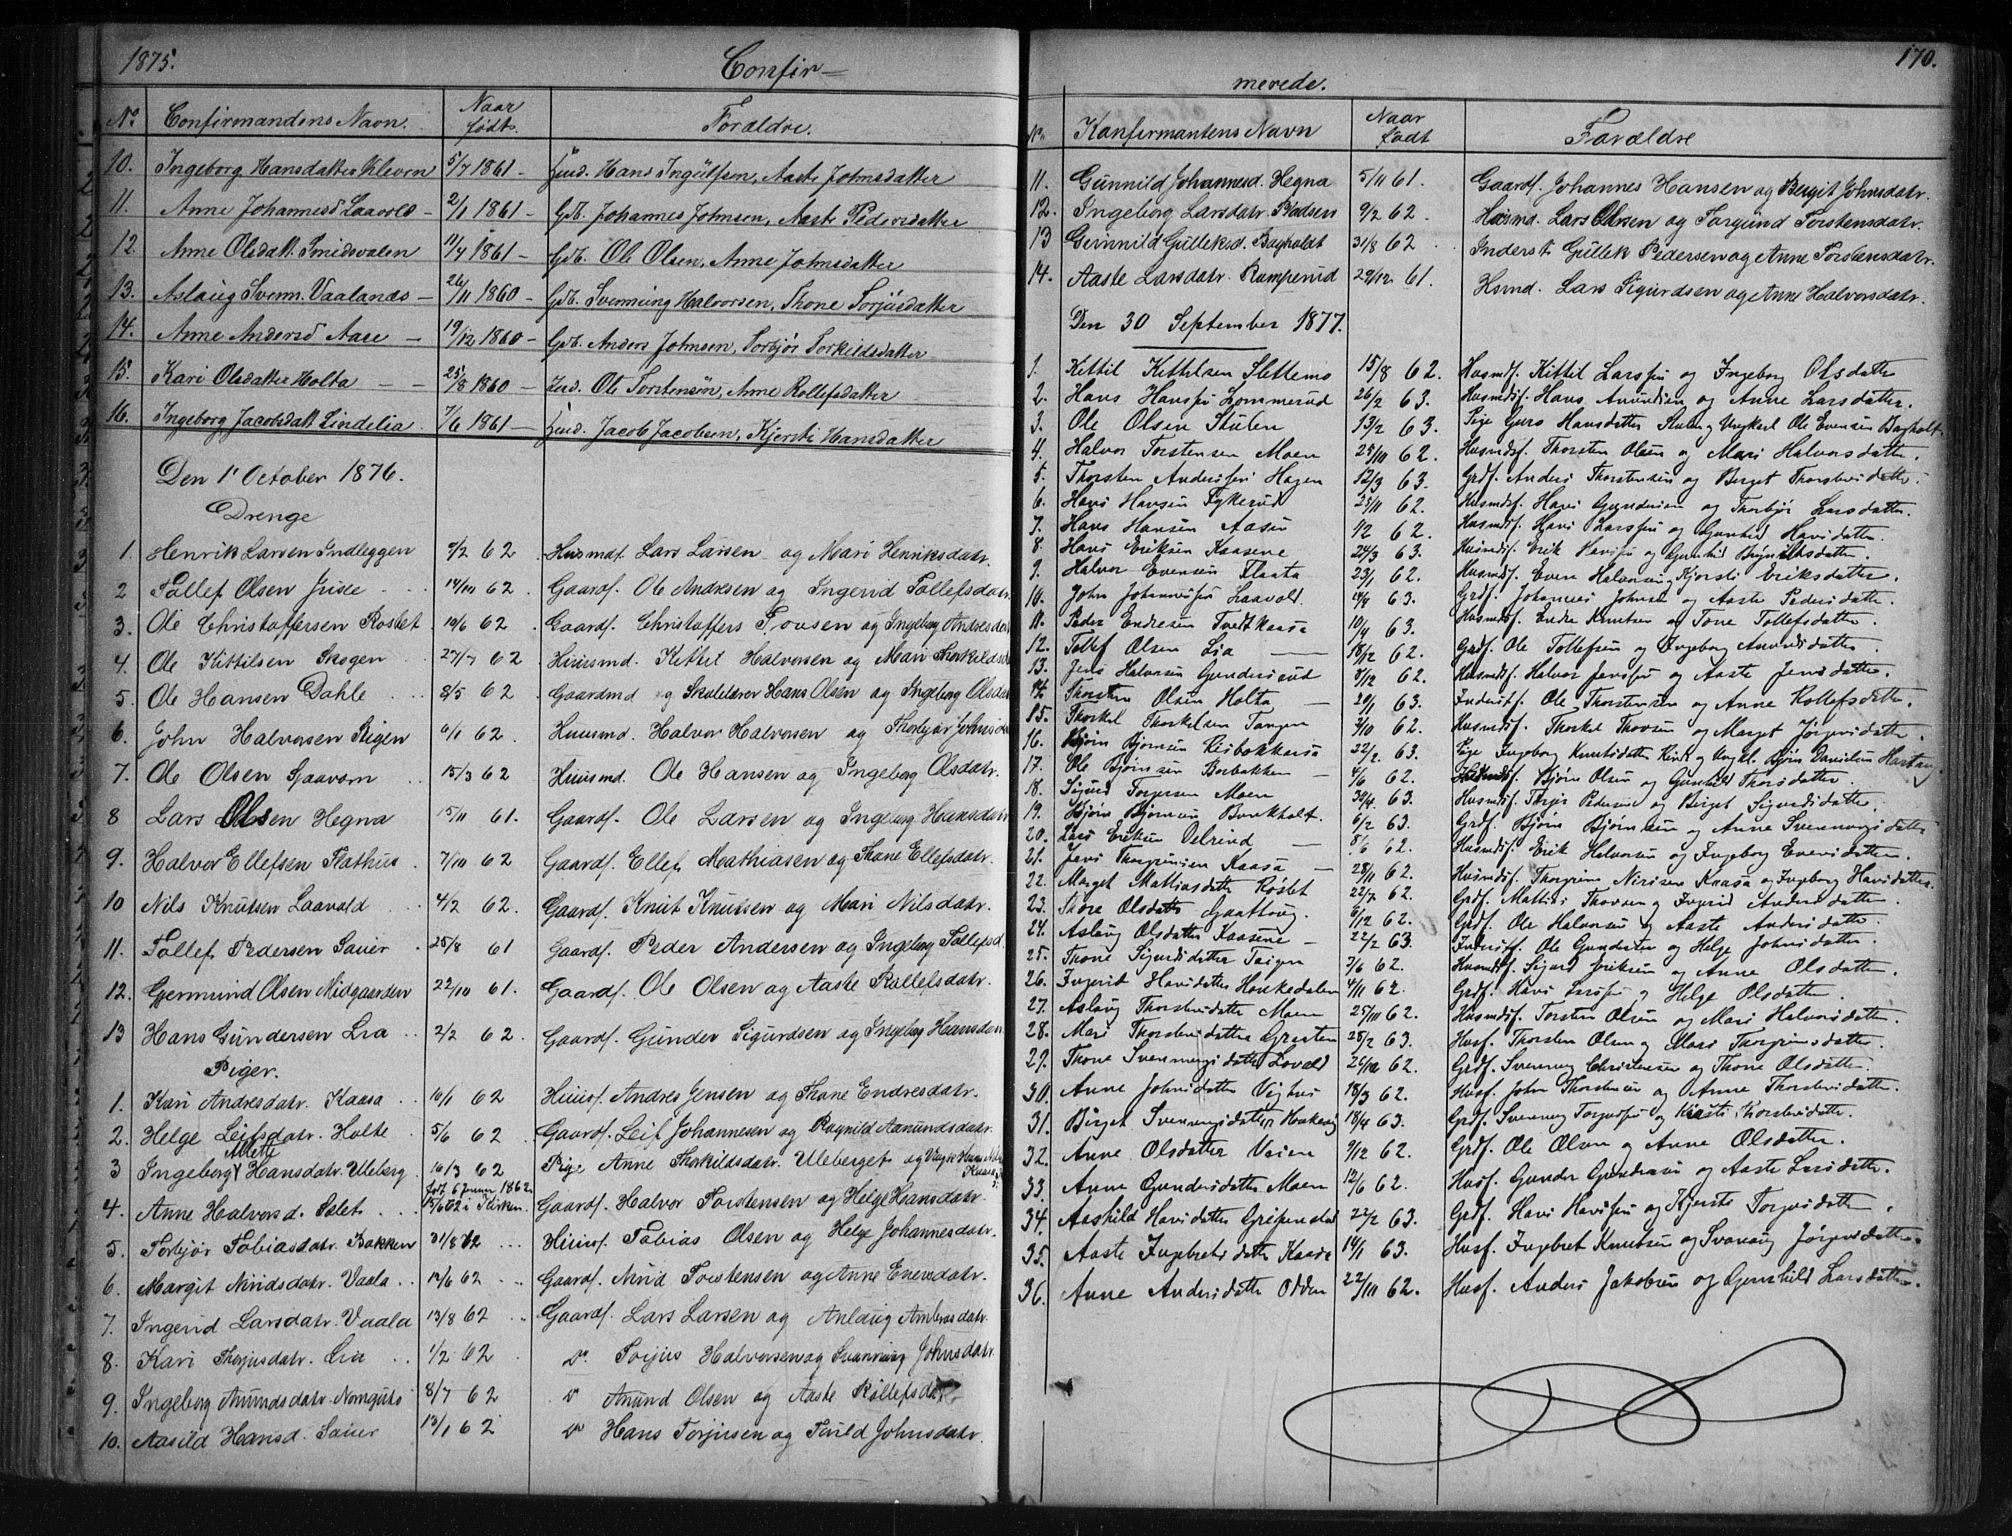 SAKO, Sauherad kirkebøker, G/Ga/L0003: Klokkerbok nr. I 3, 1866-1905, s. 170